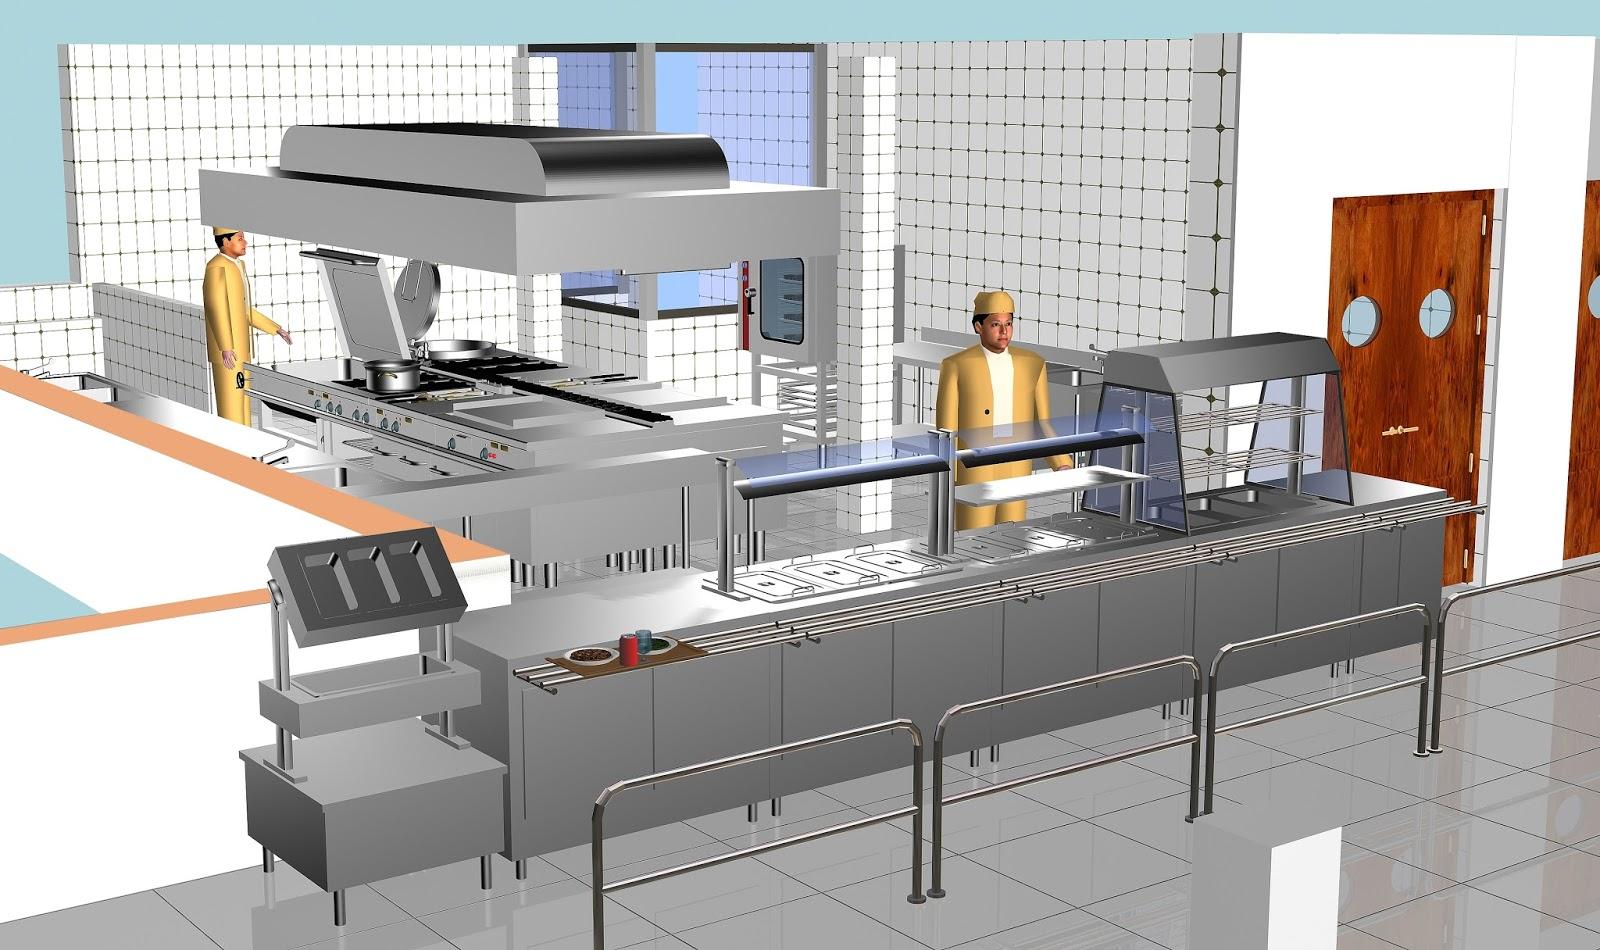 Global cocinas t cnicas nueva cocina para el colegio alegra for Escuelas privadas de cocina